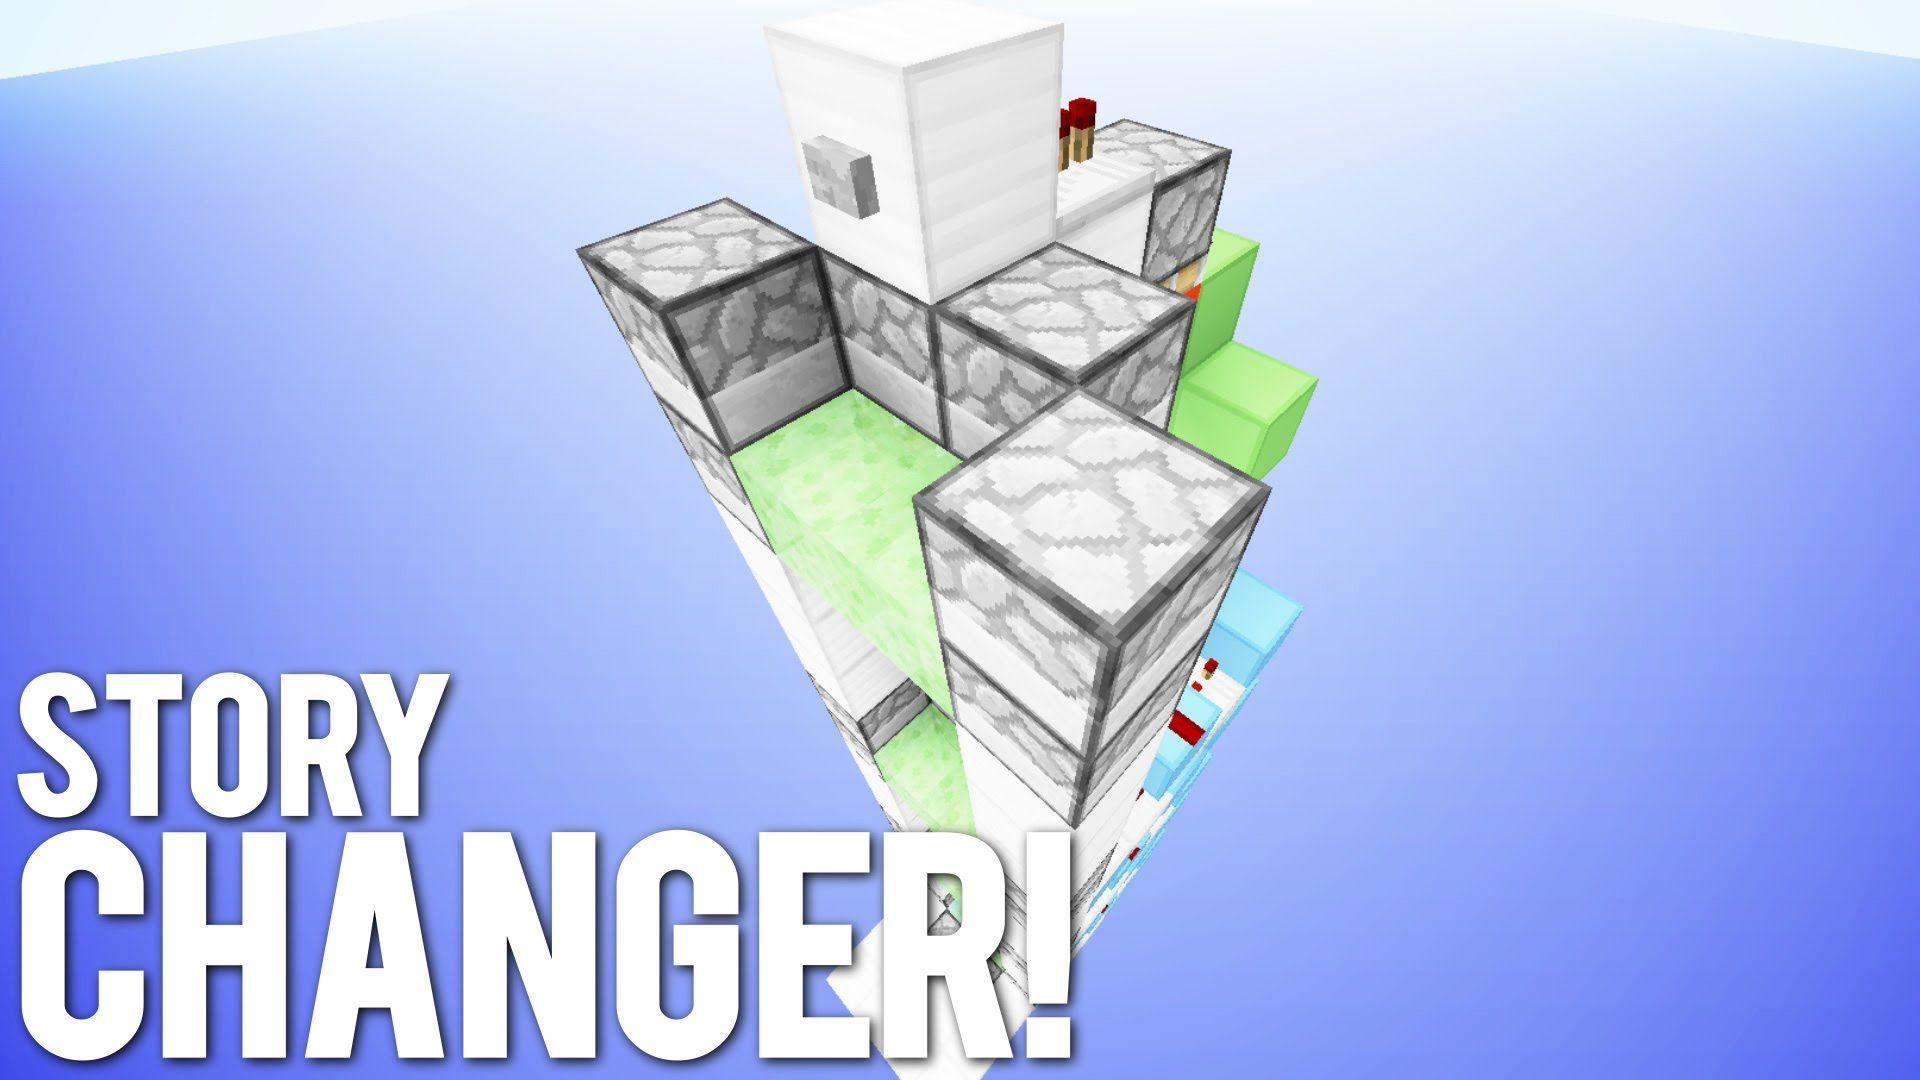 Minecraft The Slimeblock Story Changer Day 2 Minecraft Ideas